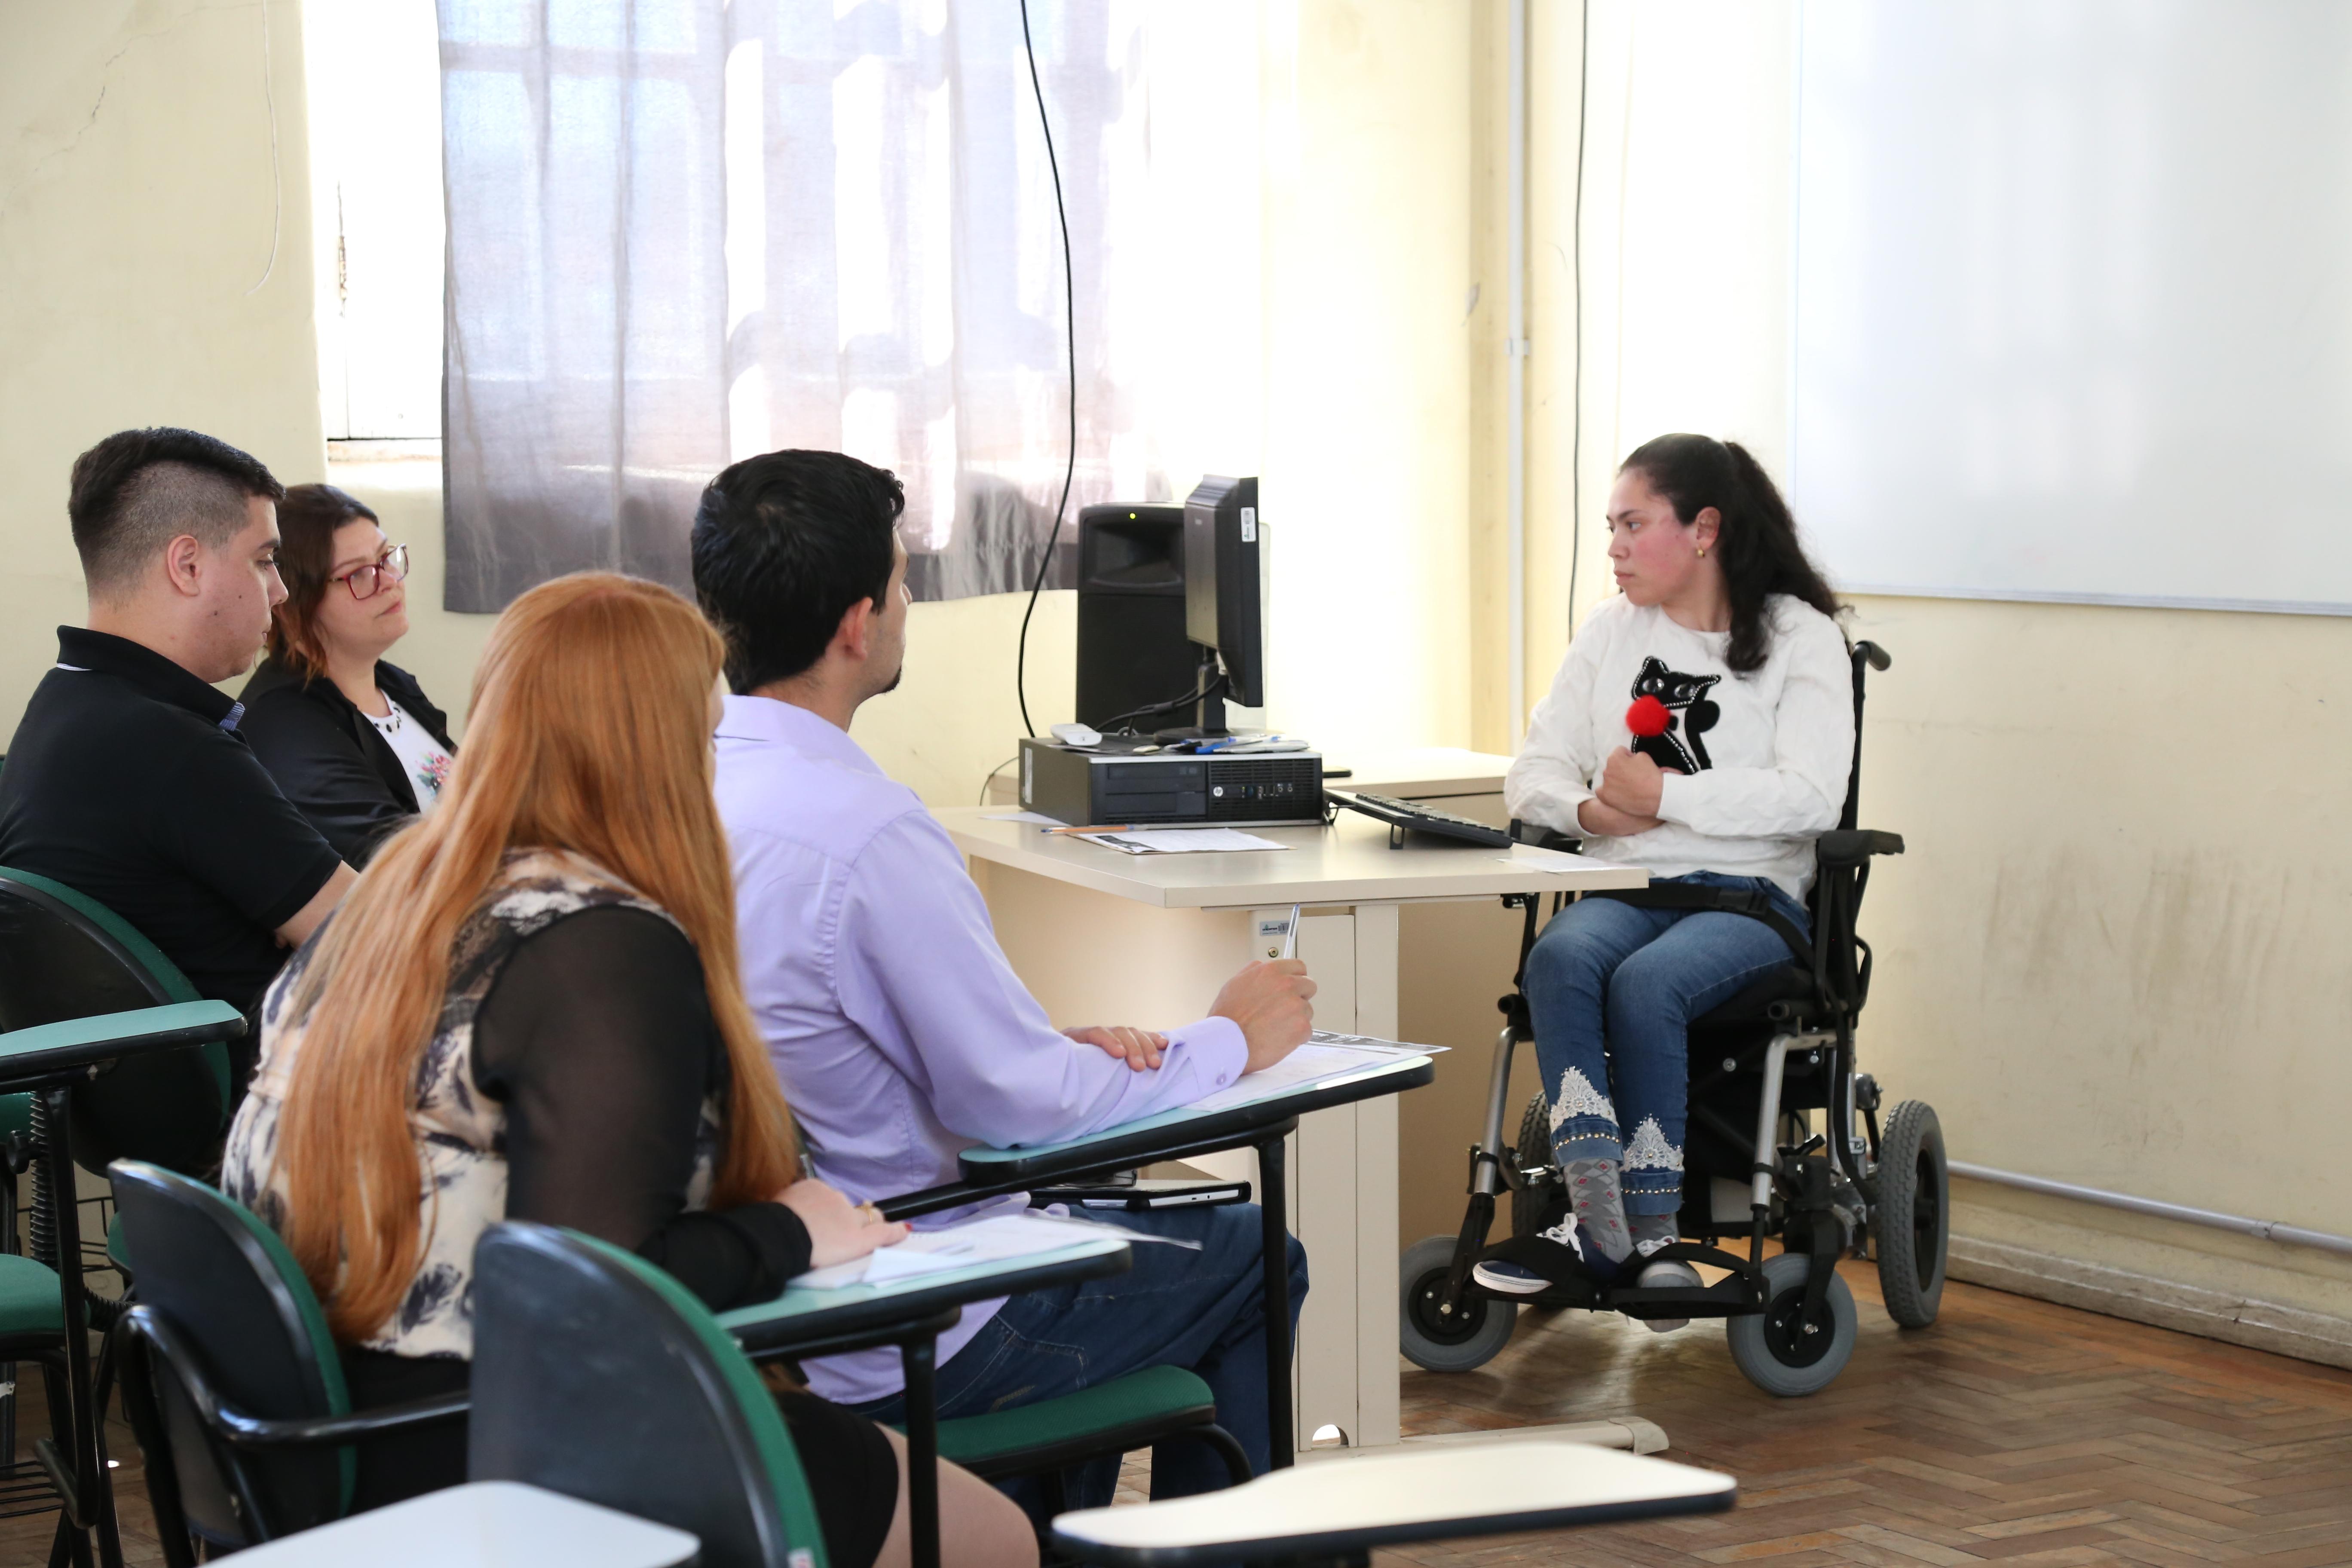 Ao fundo, aluna usuária de cadeira de rodas em frente ao computador. À frente, parcela do público acompanhando a apresentação.